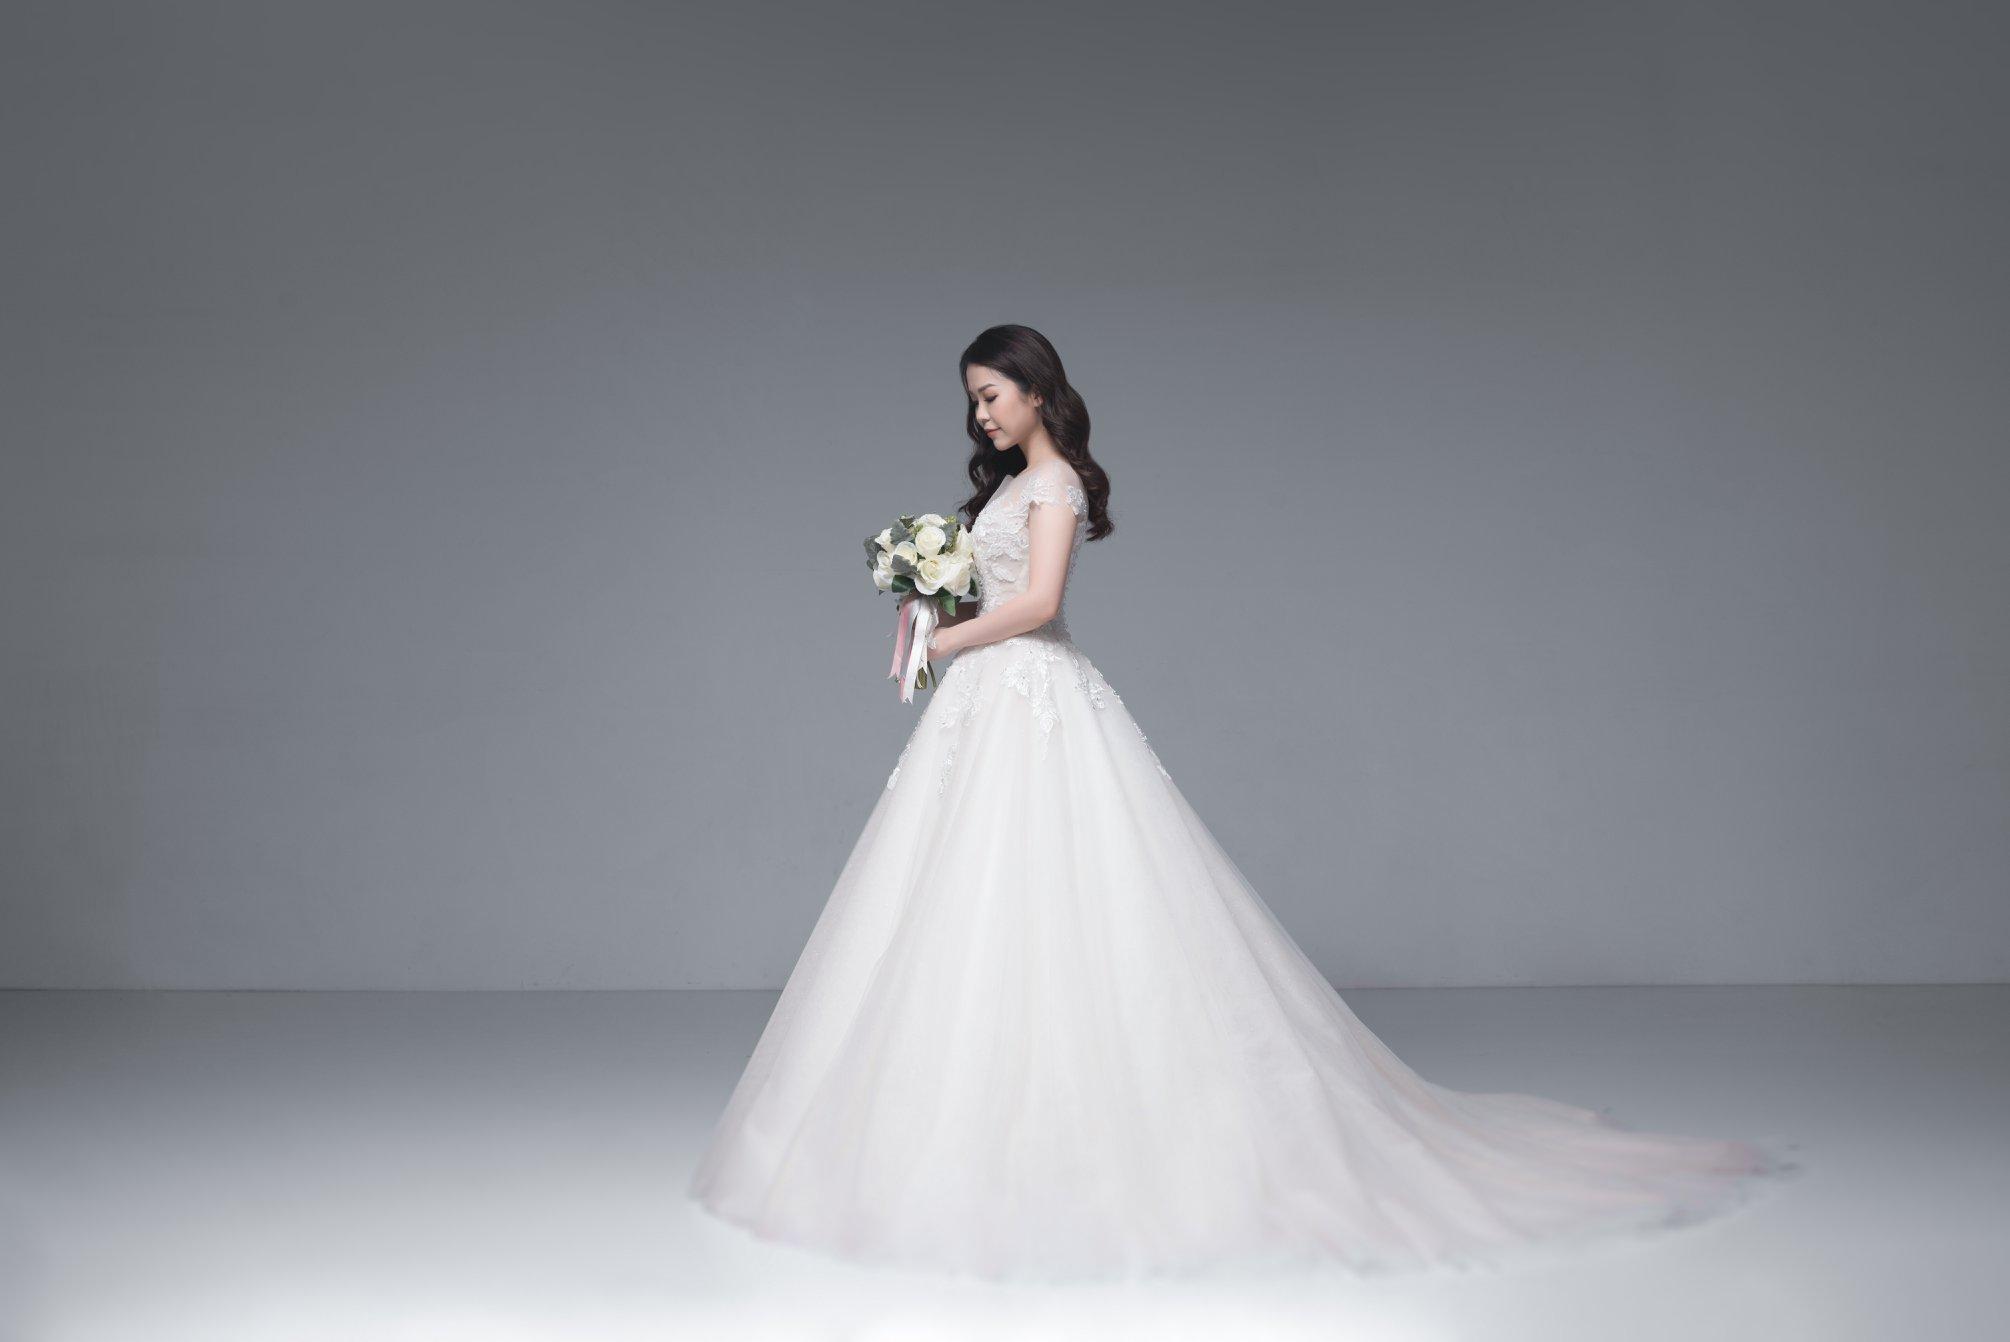 Nếu có ý định tìm cho mình một chiếc váy cưới thật chất, đây là gợi ý cho bạn - Ảnh 1.